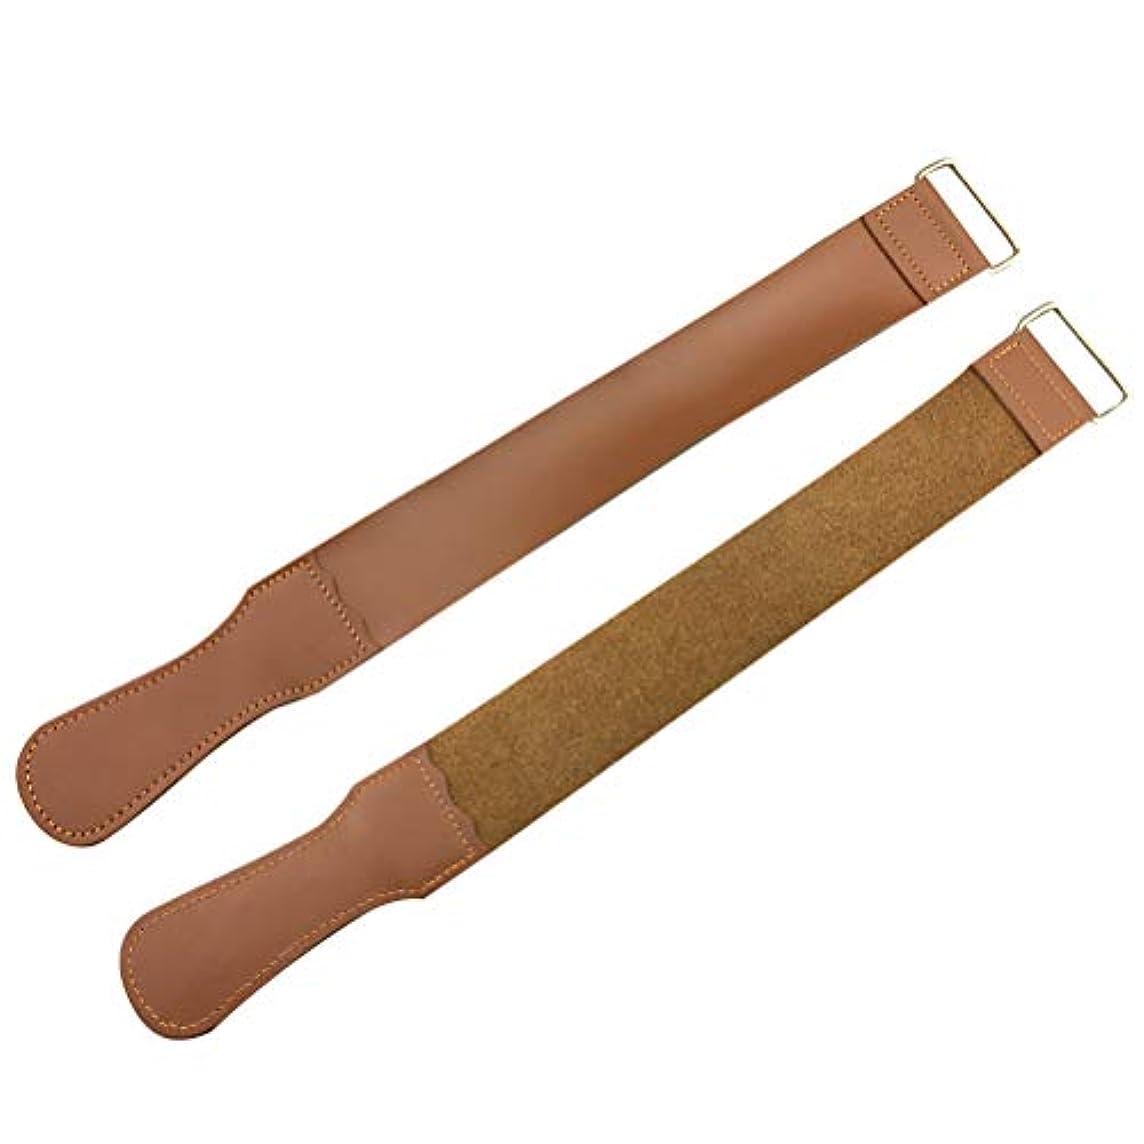 蜜養うじゃがいもSUPVOX 2ピースストレートカミソリストラップ純粋な革研ぎストラップナイフ研ぎベルトシャープナー用折りたたみストレートかみそりシェービングナイフ